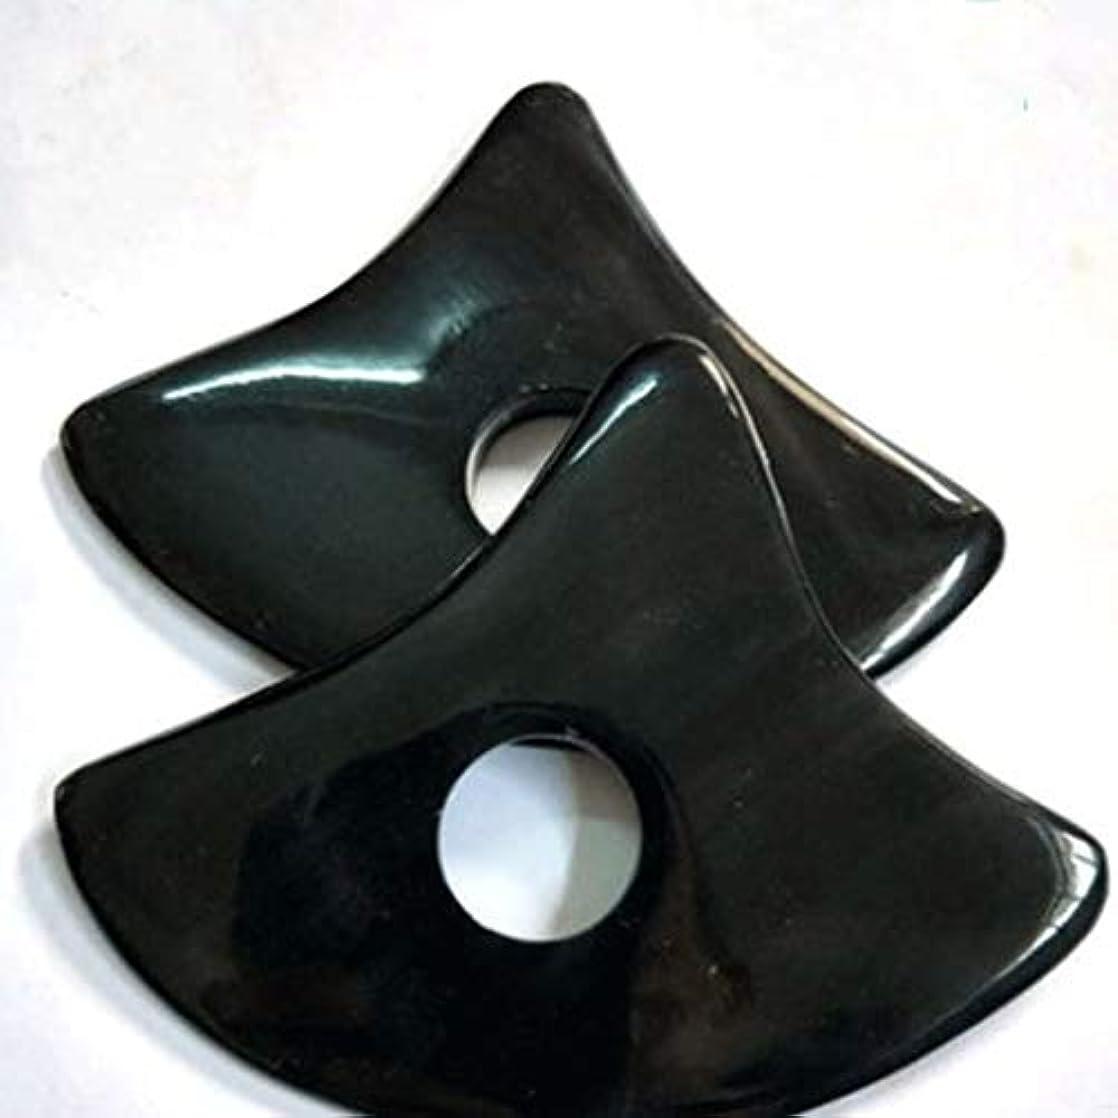 振り返る免除するリクルートプレート削れを掻き板黒水牛三角板を掻きスクレーパ板手作りハイグレード自然健康ホーン